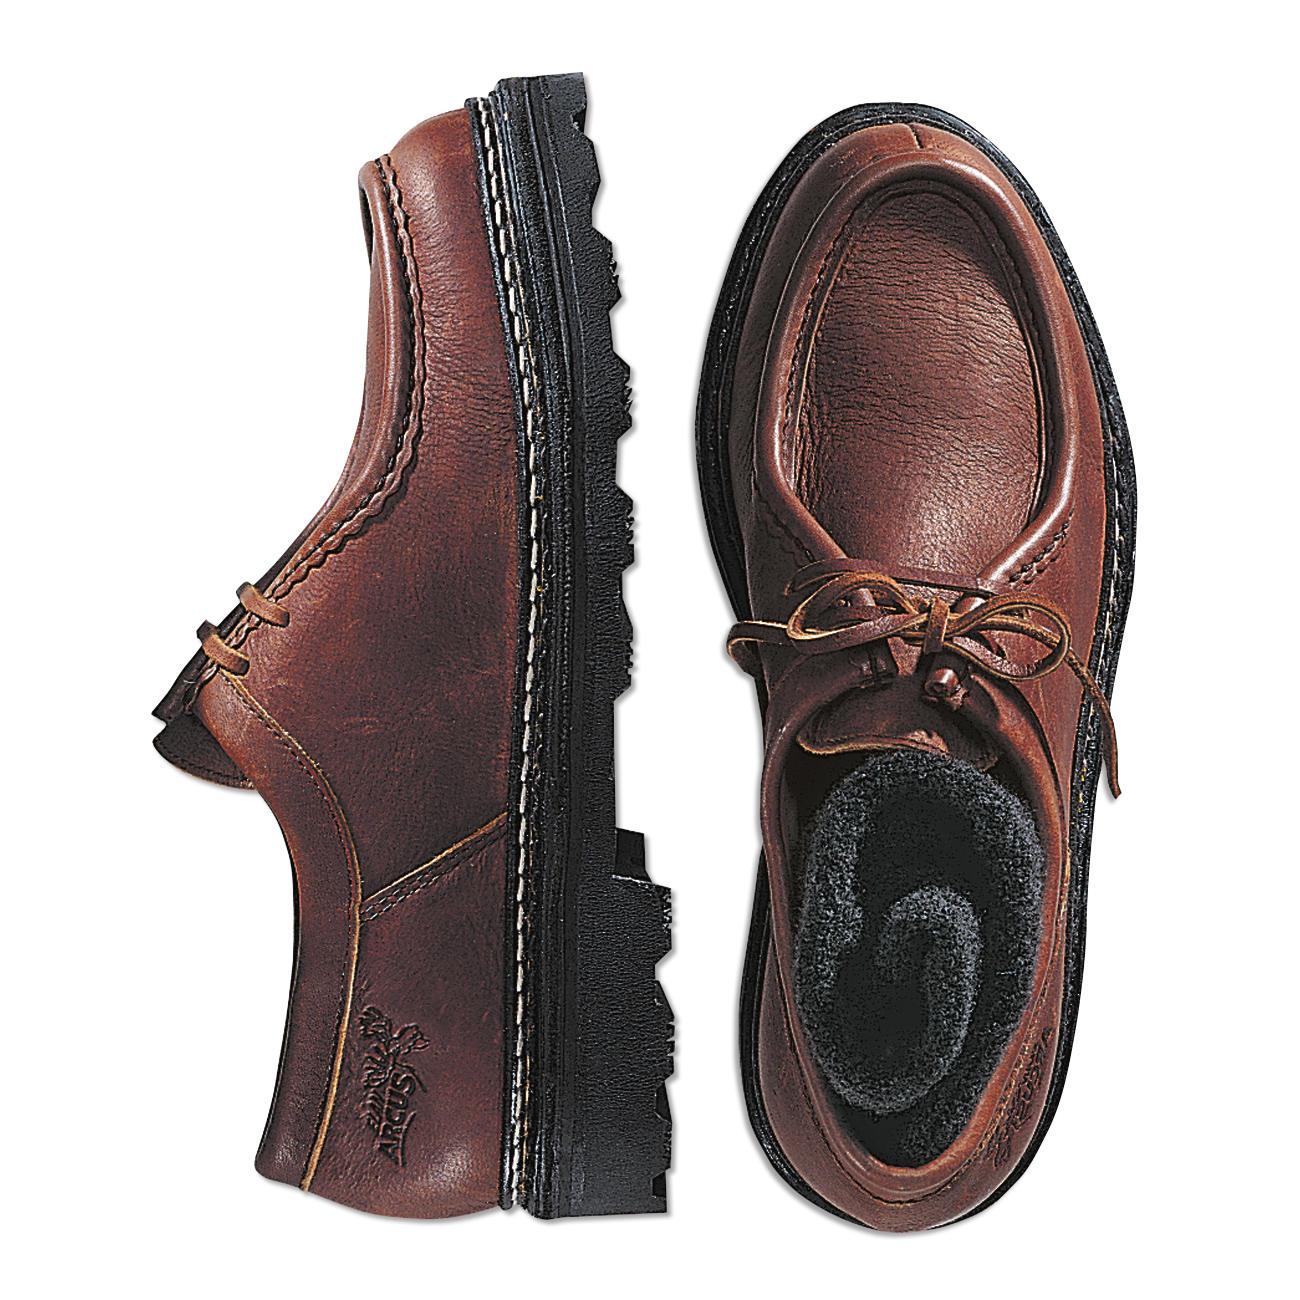 Elchleder-Schuhe, 41 - Braun